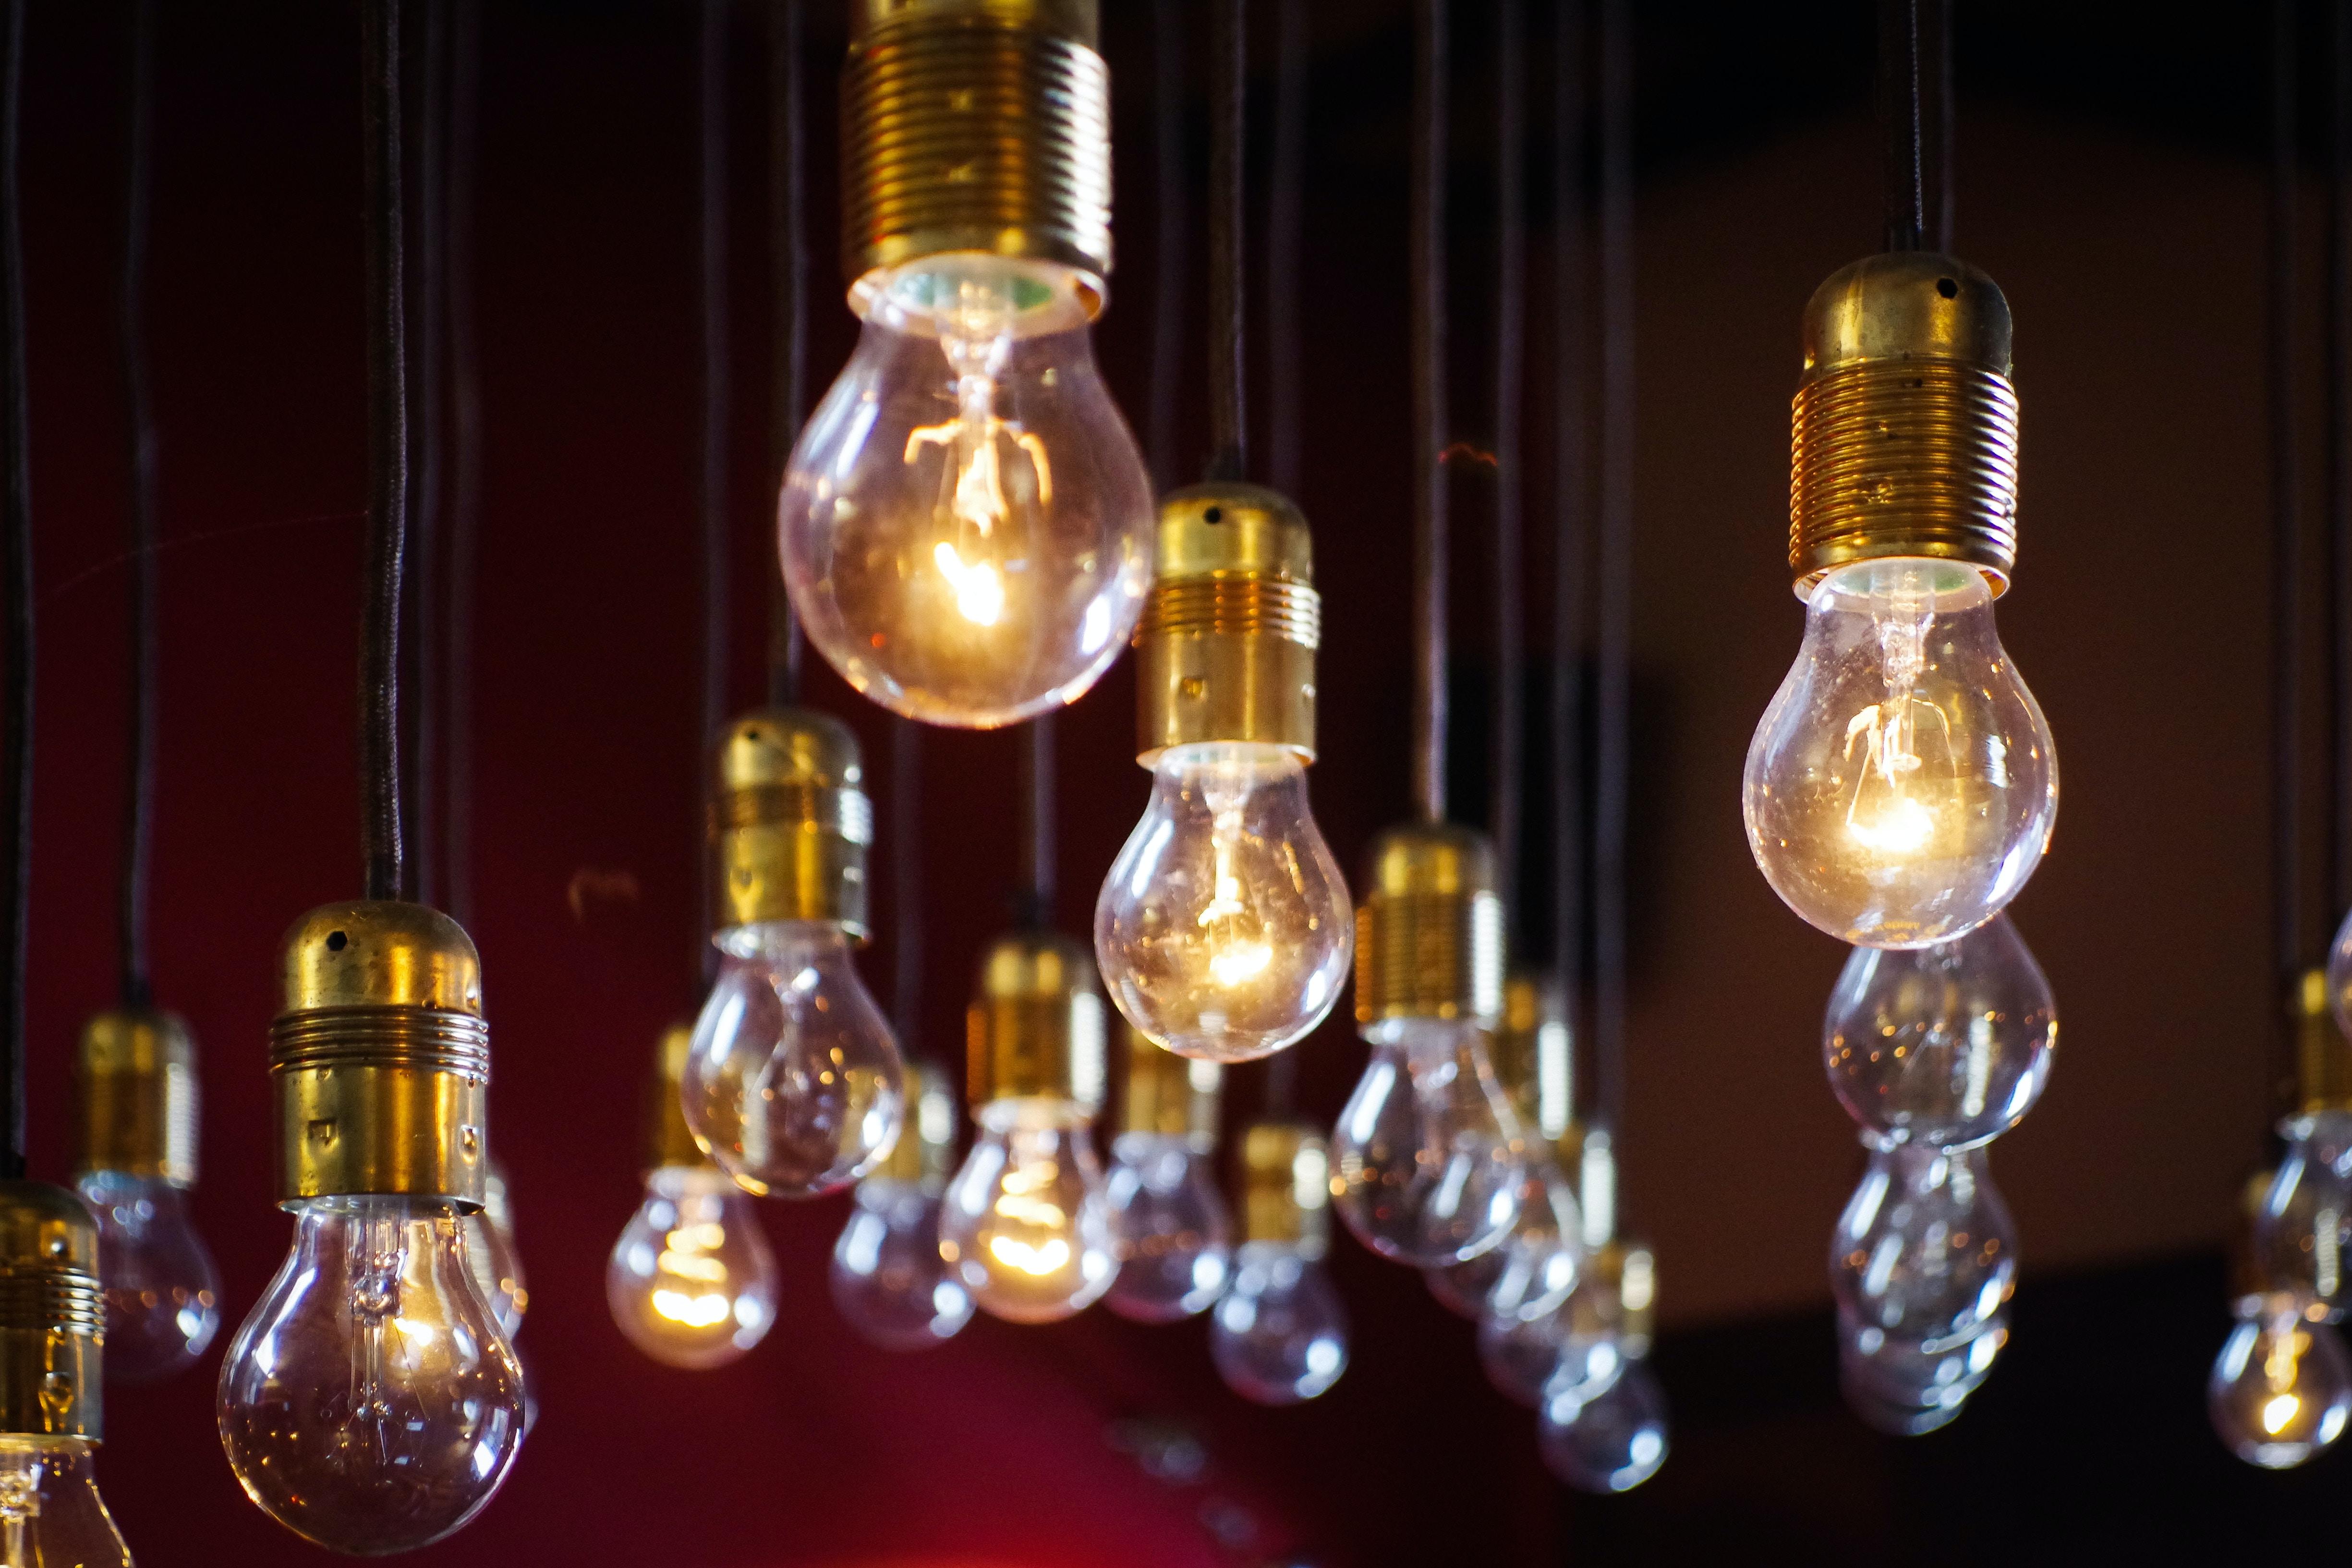 Light bulbs hanging in a red room in Castiglione del Lago